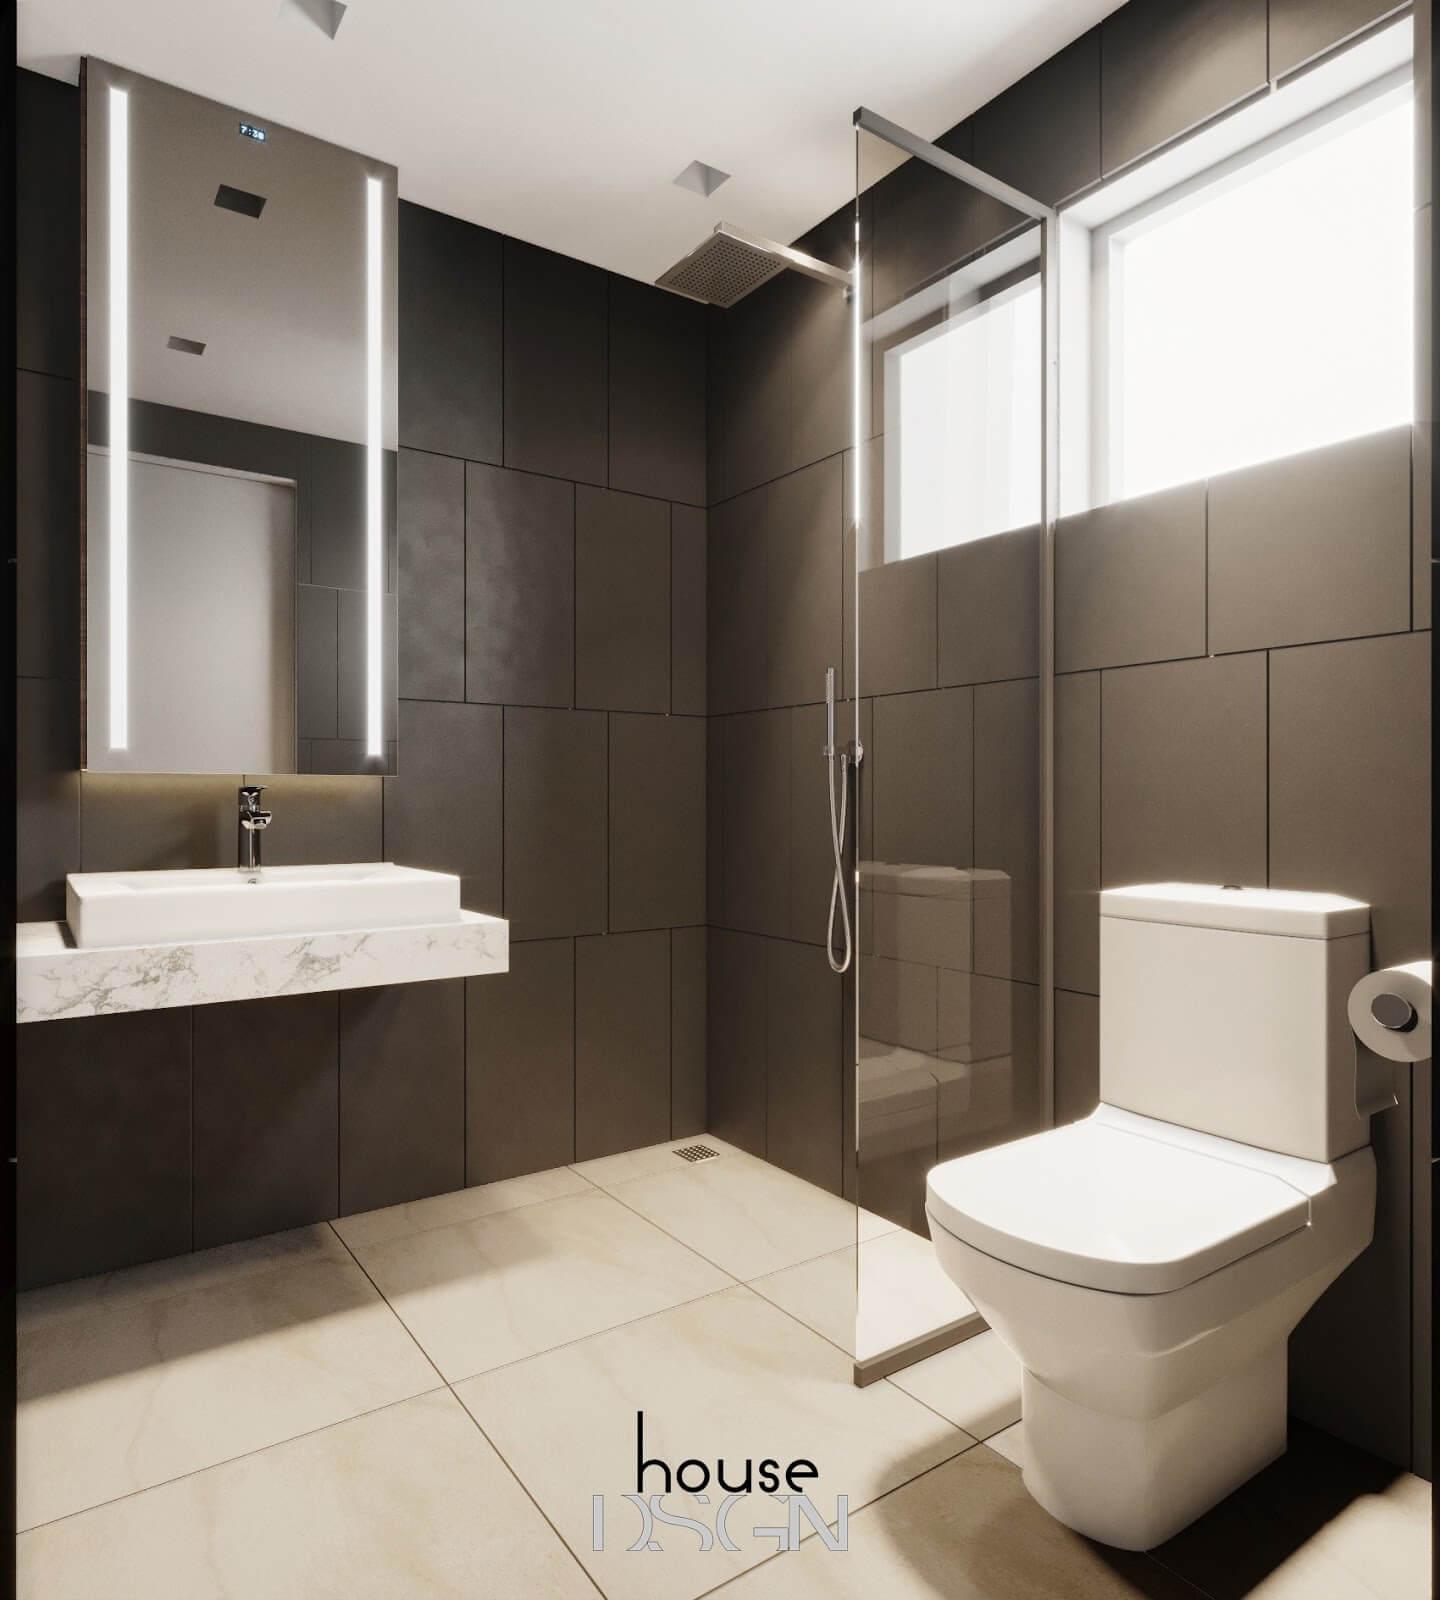 mẫu phong cách Urban trong thiết kế nội thất